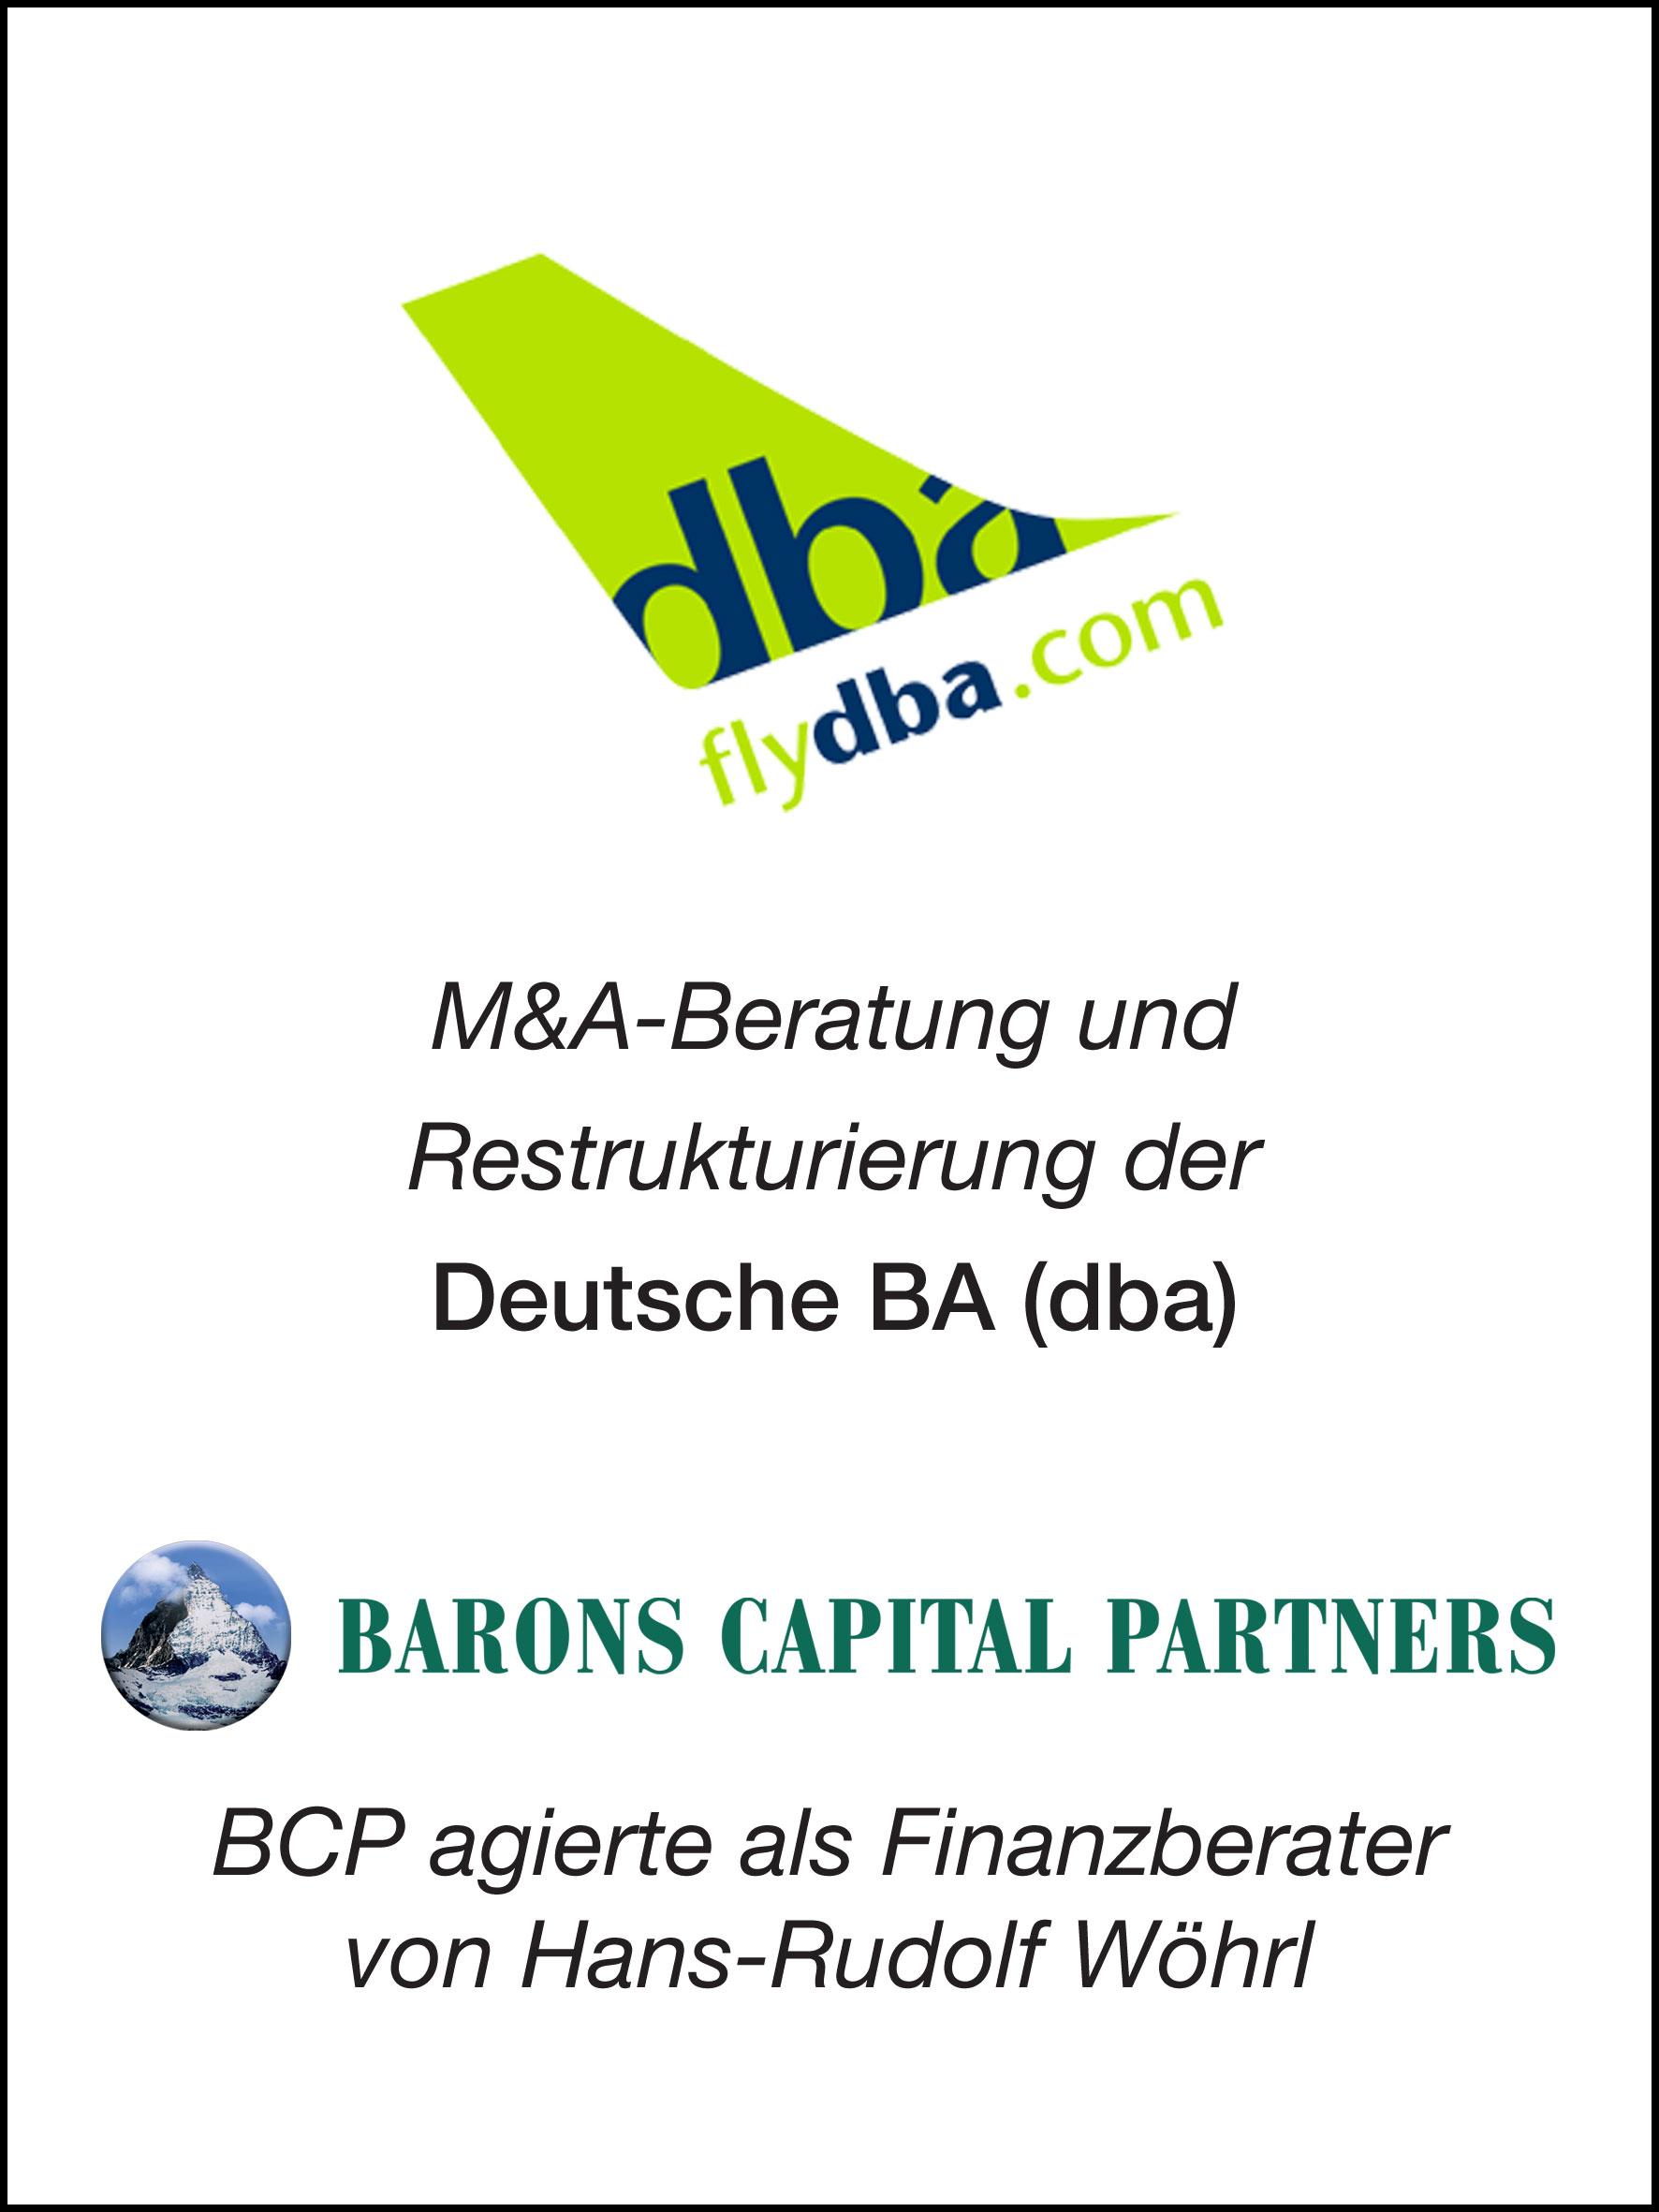 47_Deutsche BA (dba)_G